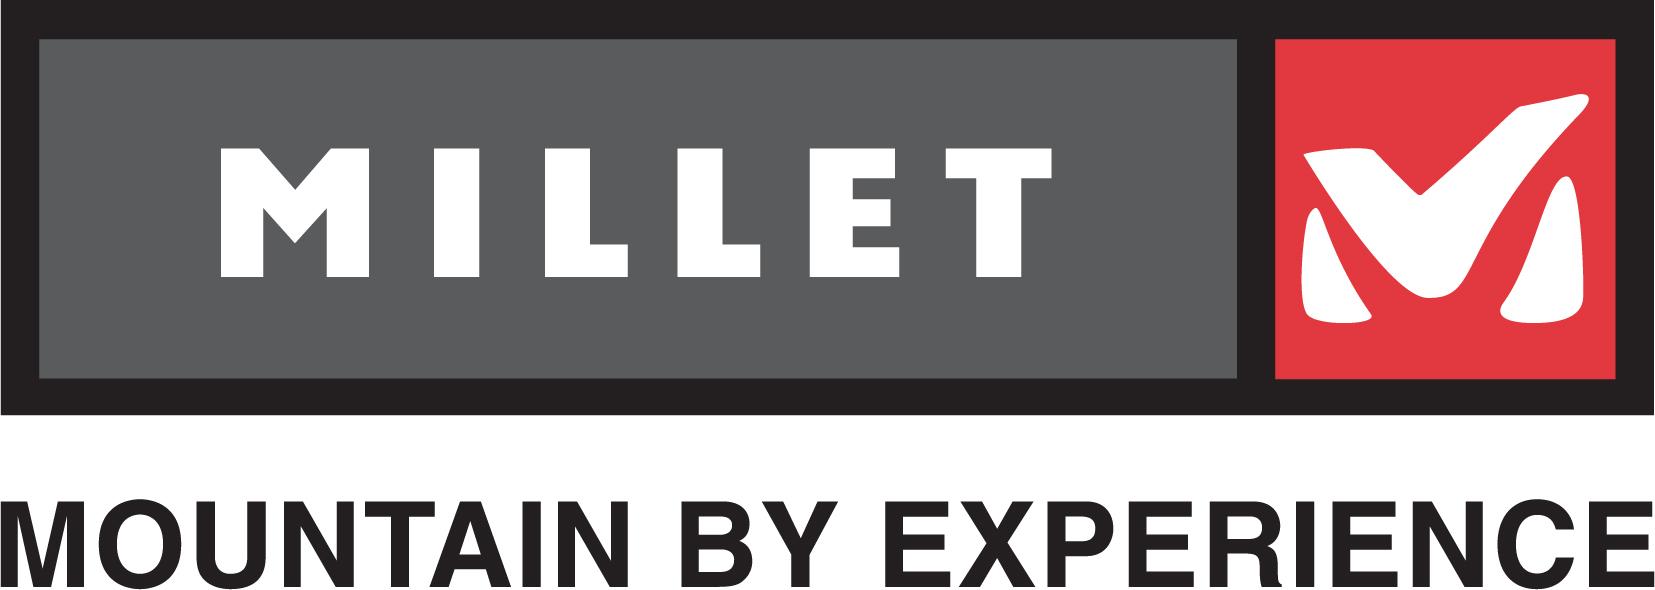 Millet-logo